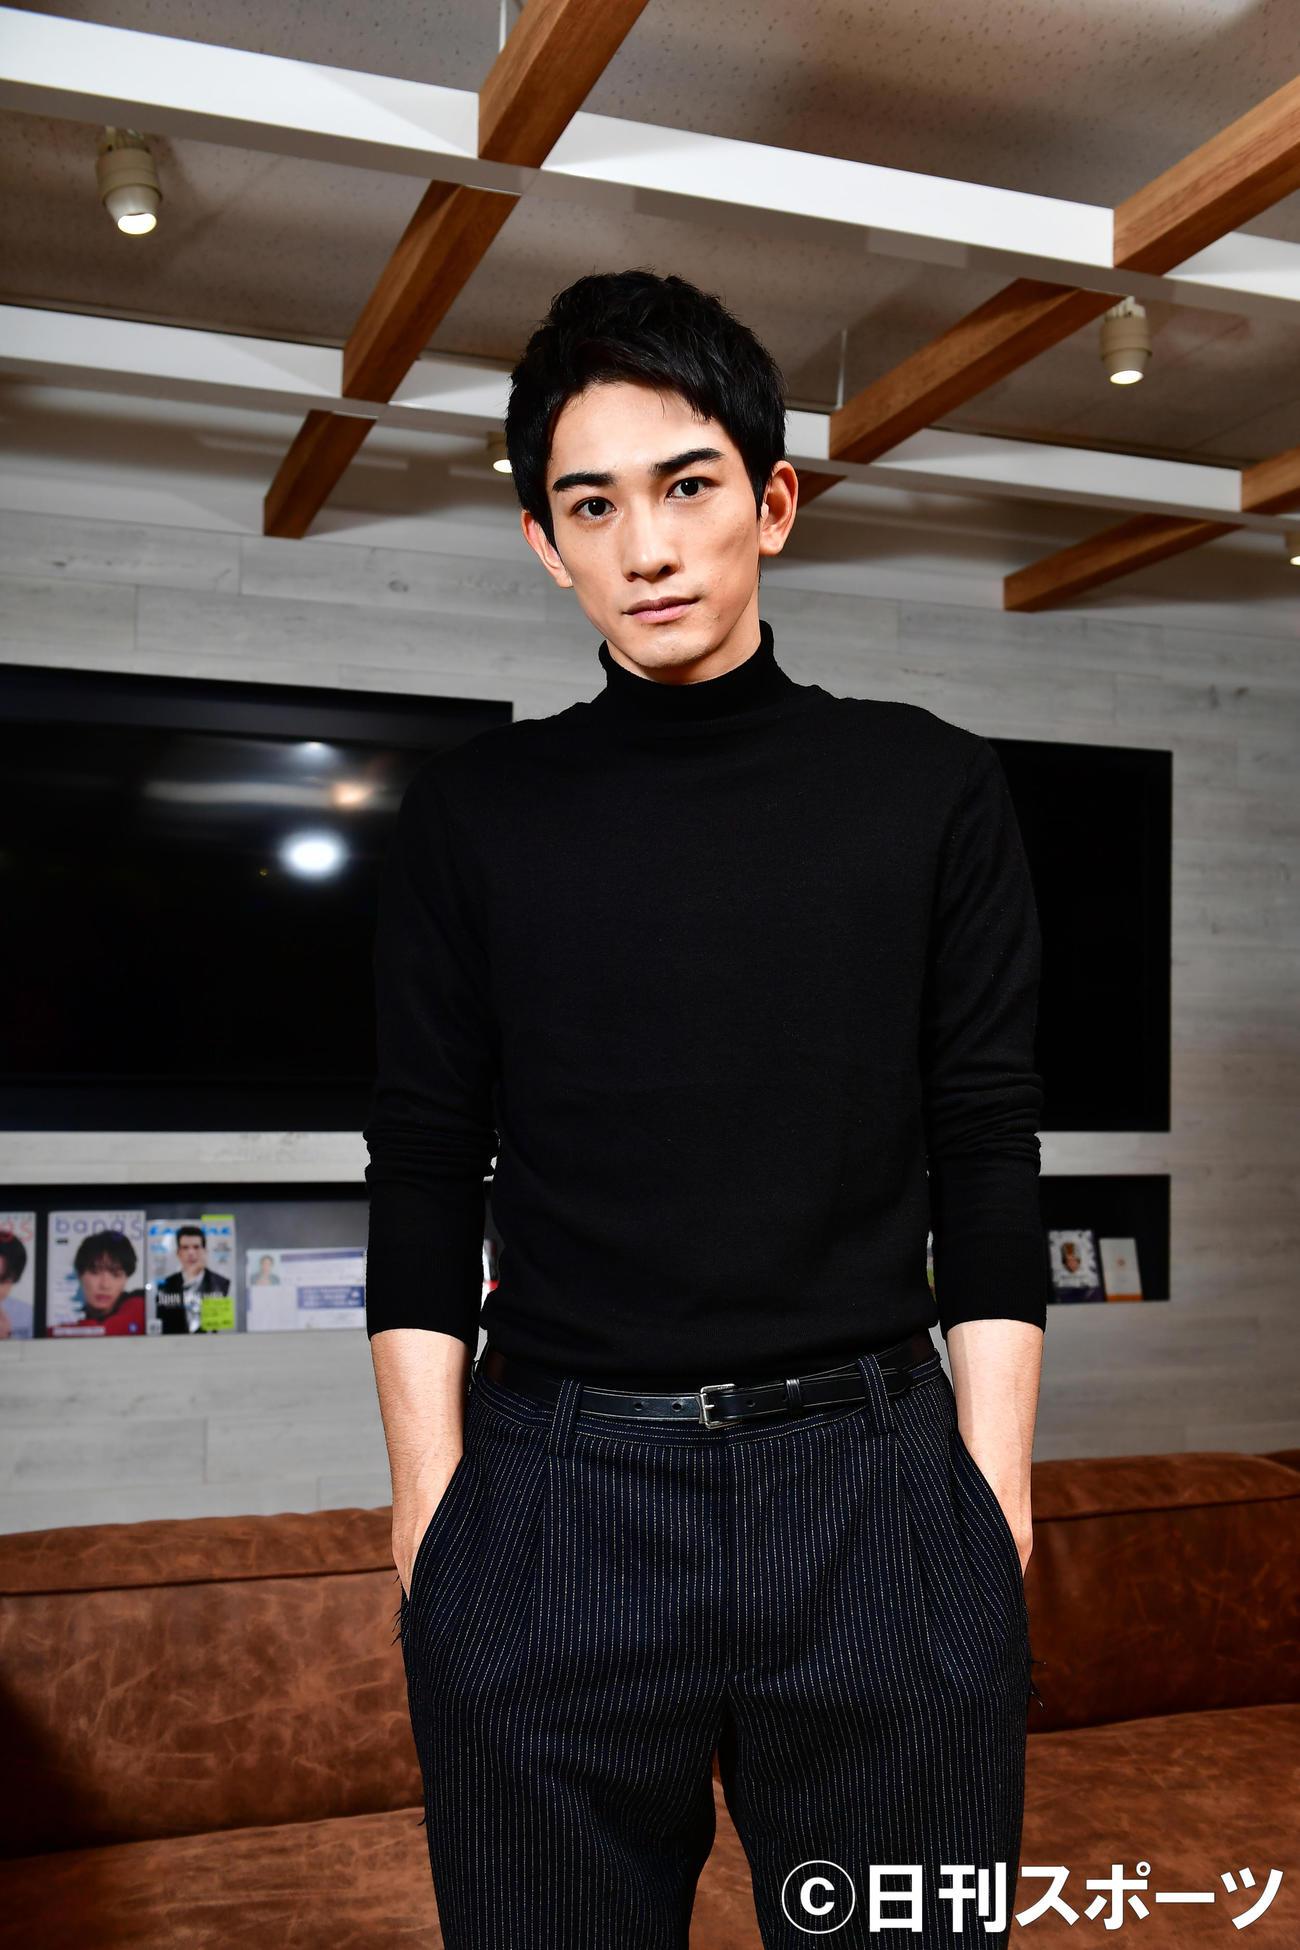 劇団EXILE町田啓太(2019年12月18日撮影)